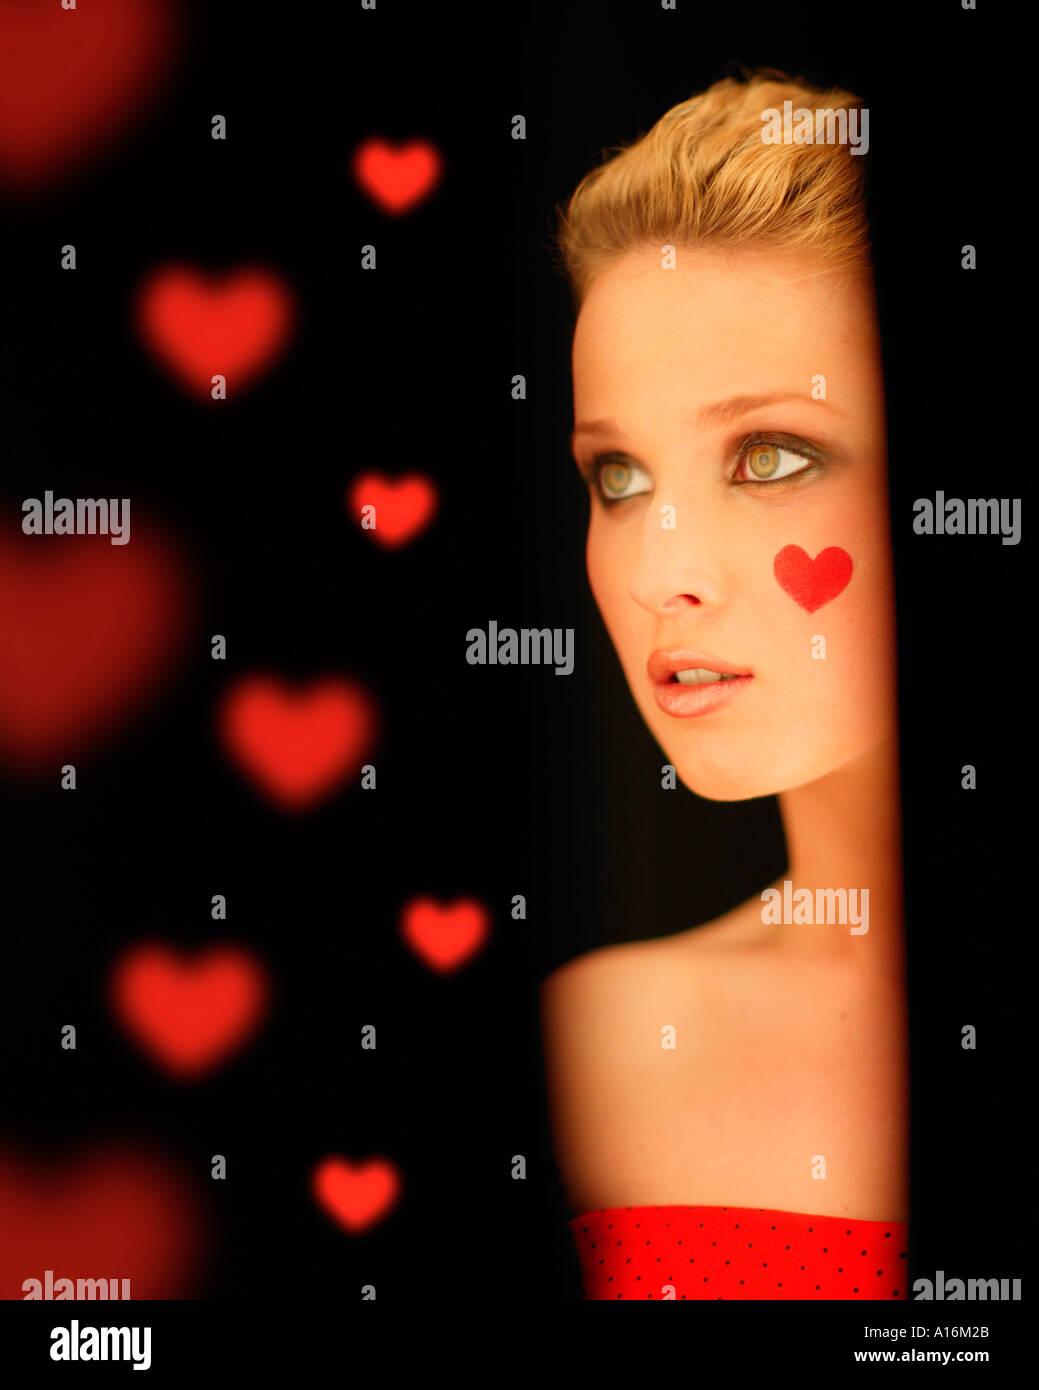 Retrato de una joven de 18, 19, 20-24, 24-29, 30-34, años con corazón rojo pintado en su mejilla Imagen De Stock